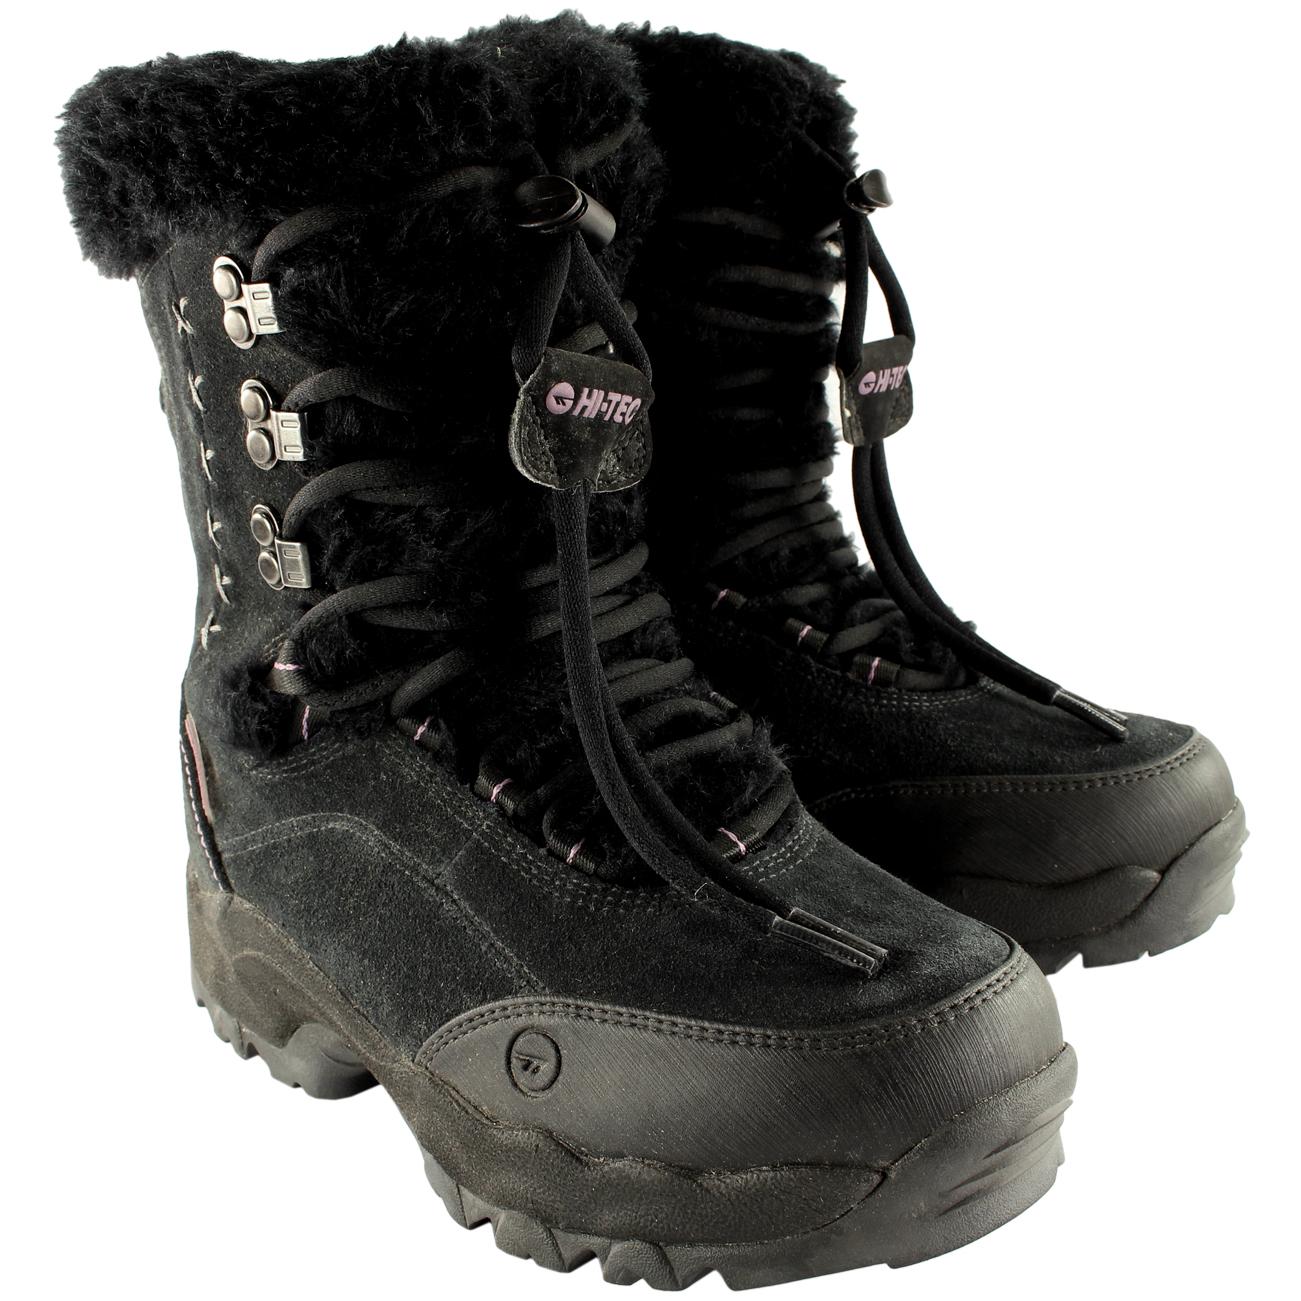 Hi-Tec St. Moritz 200 Mid Calf Boots